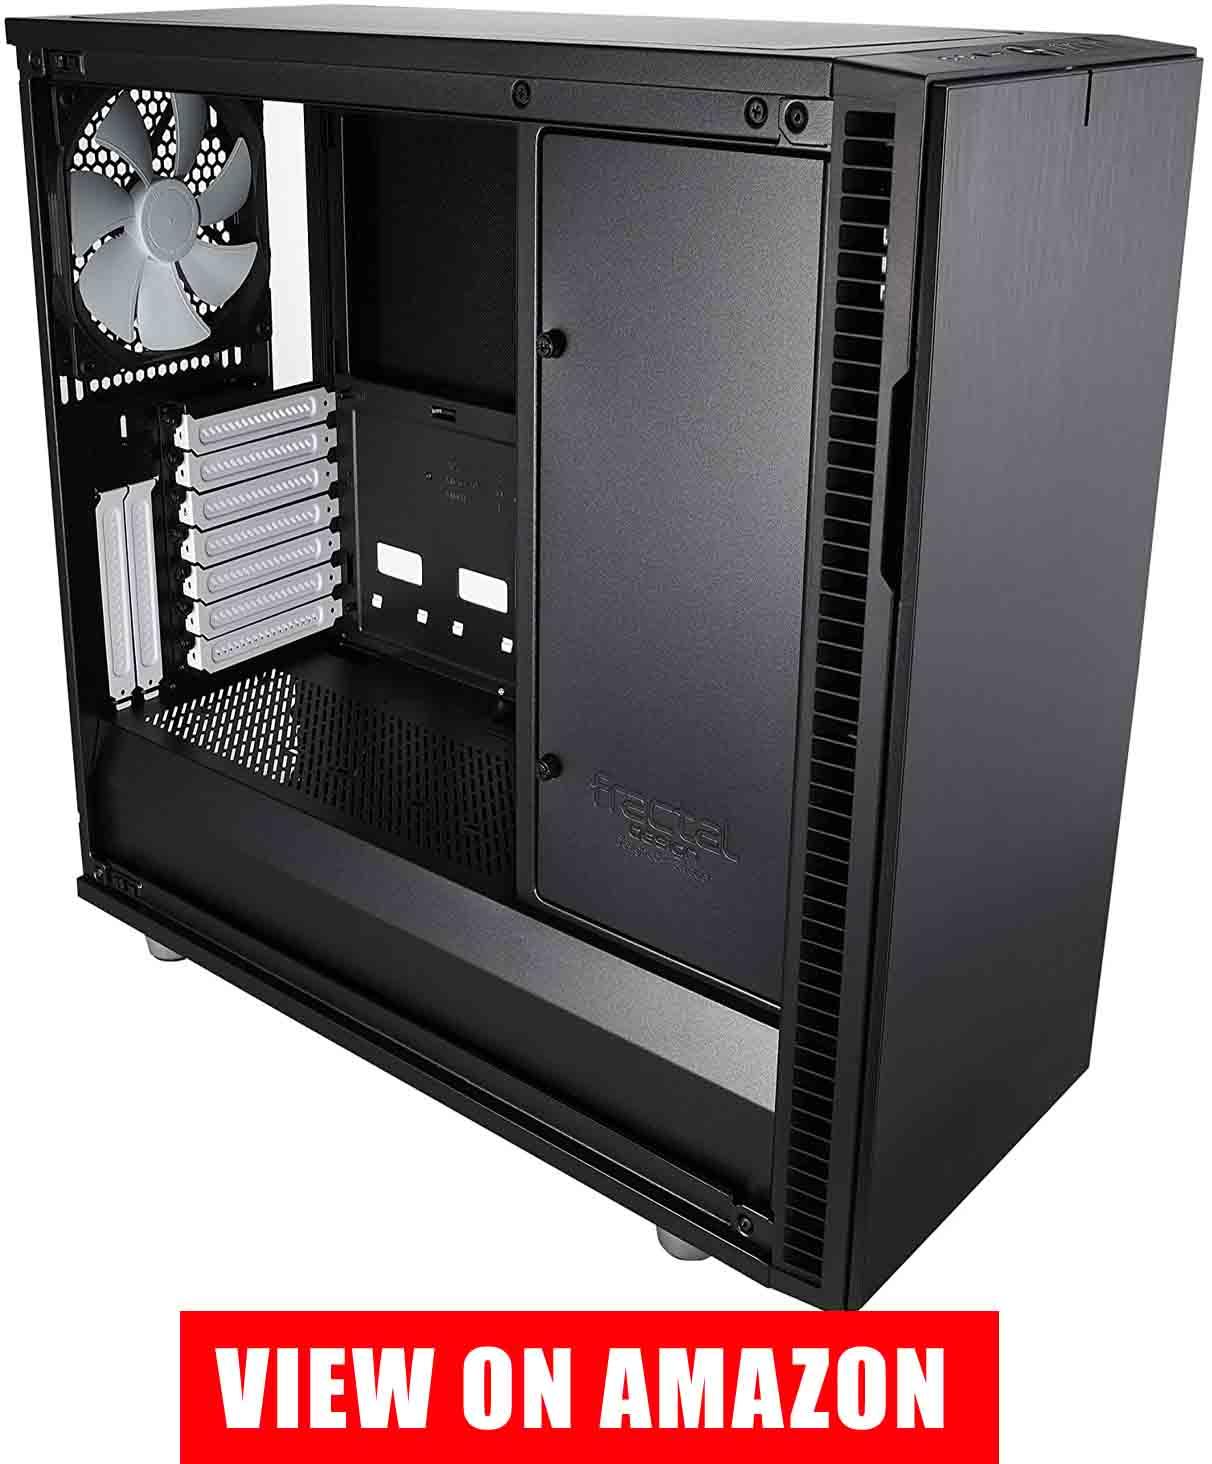 Best ATX Quiet PC Case